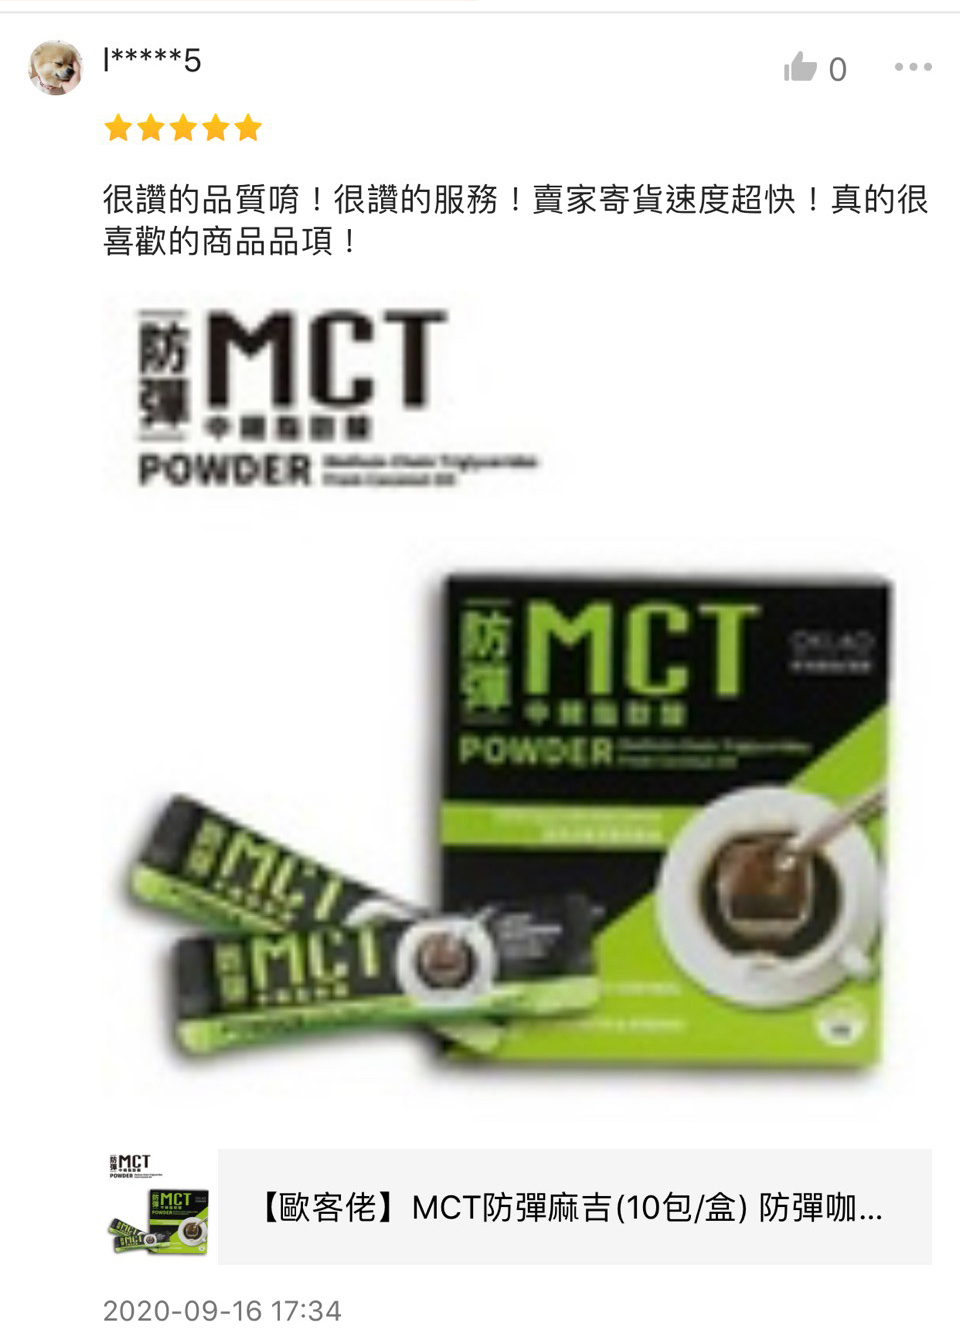 【歐客佬】MCT防彈麻吉(10包/盒) 防彈咖啡(42010542) 很讚的品質唷!很讚的服務!賣家寄貨速度超快!真的很喜歡的商品品項!